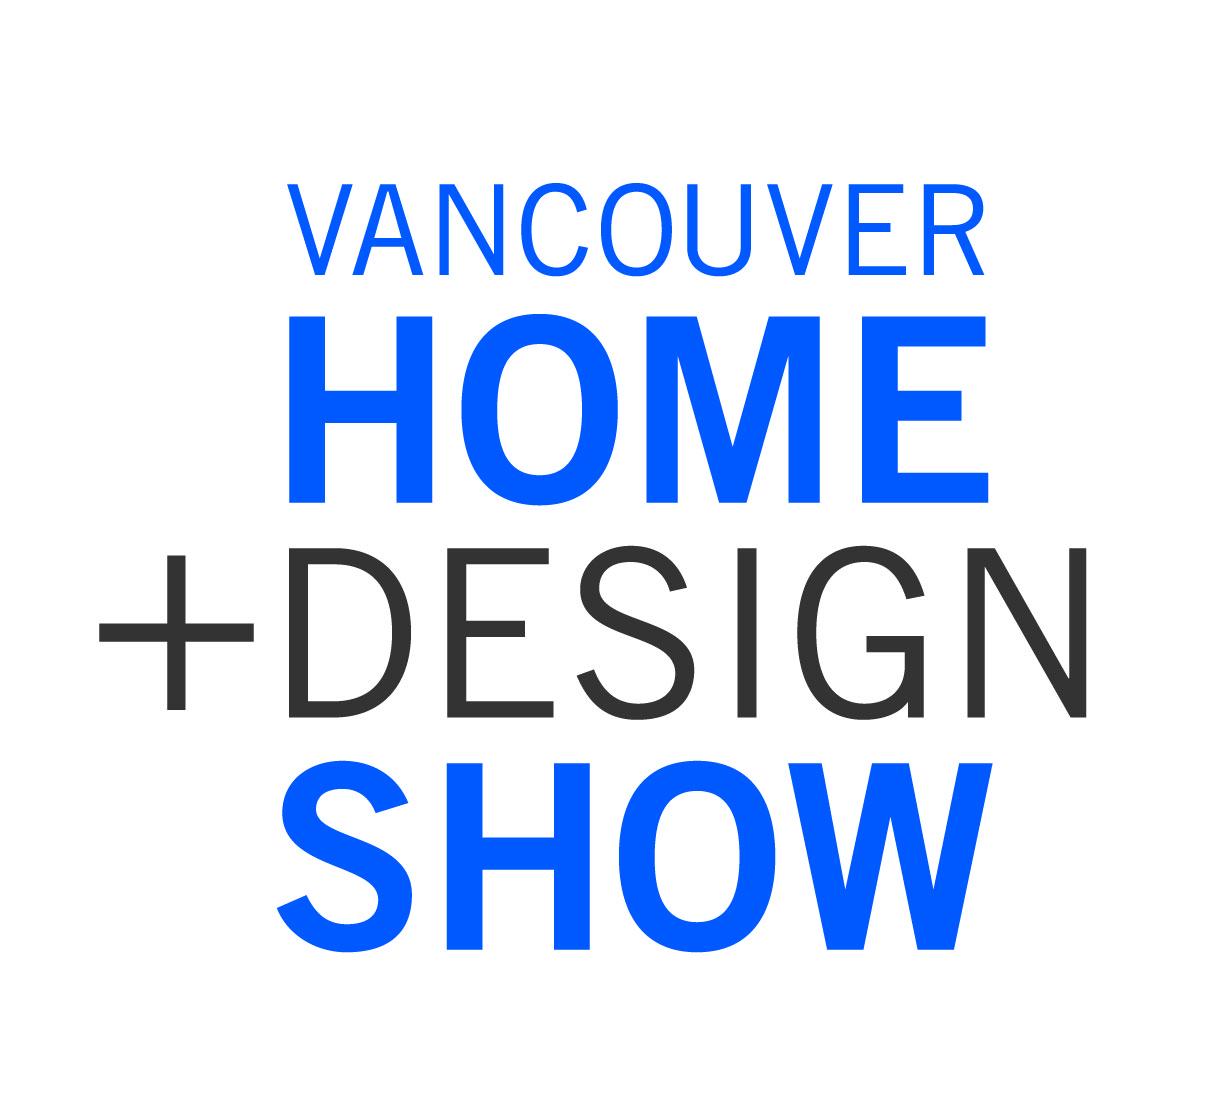 Amazing Bc Home Design Show Contemporary - Home Decorating Ideas ...